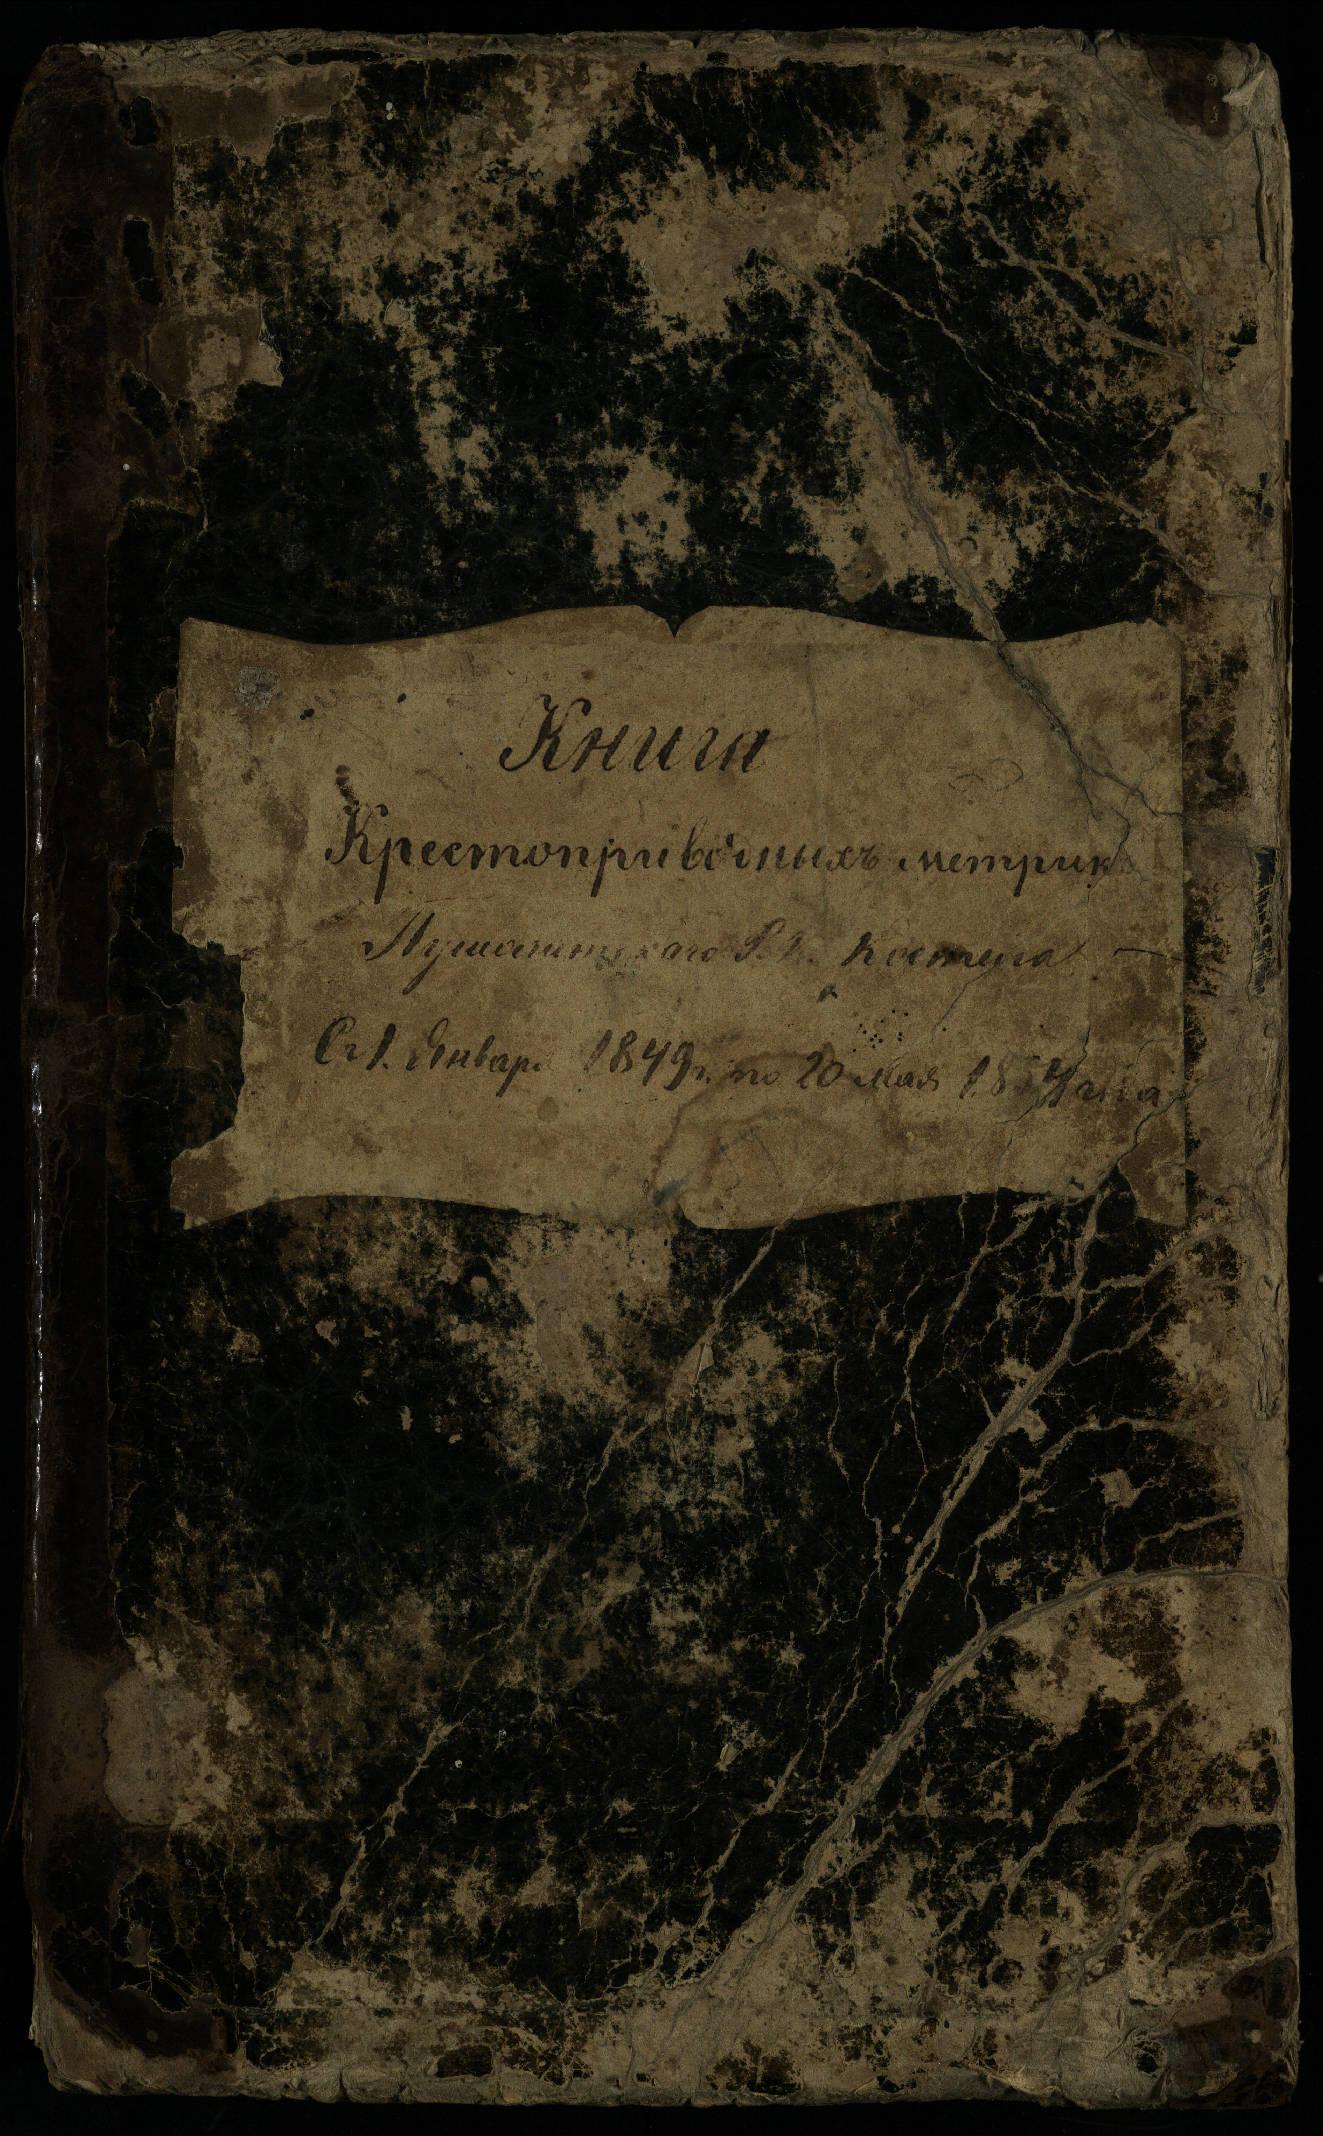 Pušaloto Romos katalikų parapijos bažnyčios 1849–1854 metų krikšto metrikų knyga